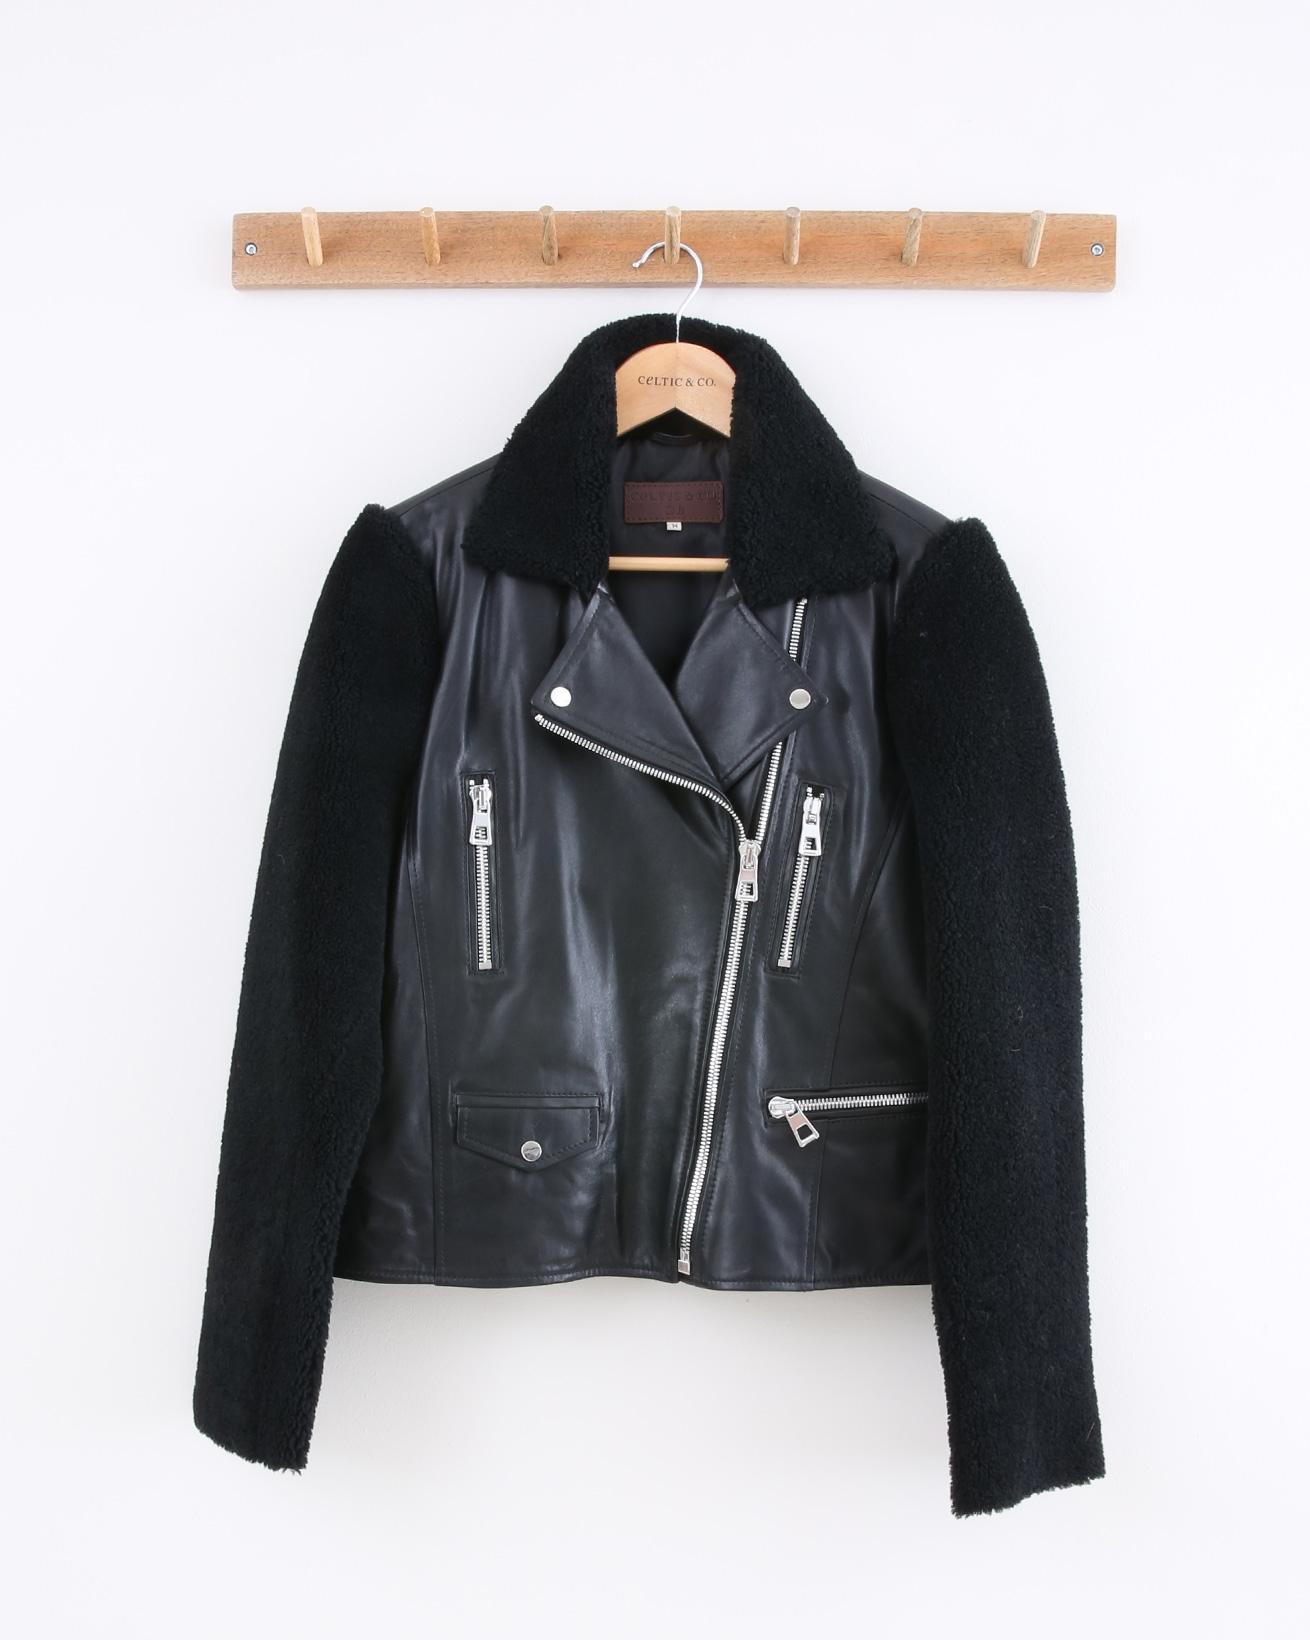 Leather Biker Jacket w/Sheepskin Trim - Size 14 - Black - 1470